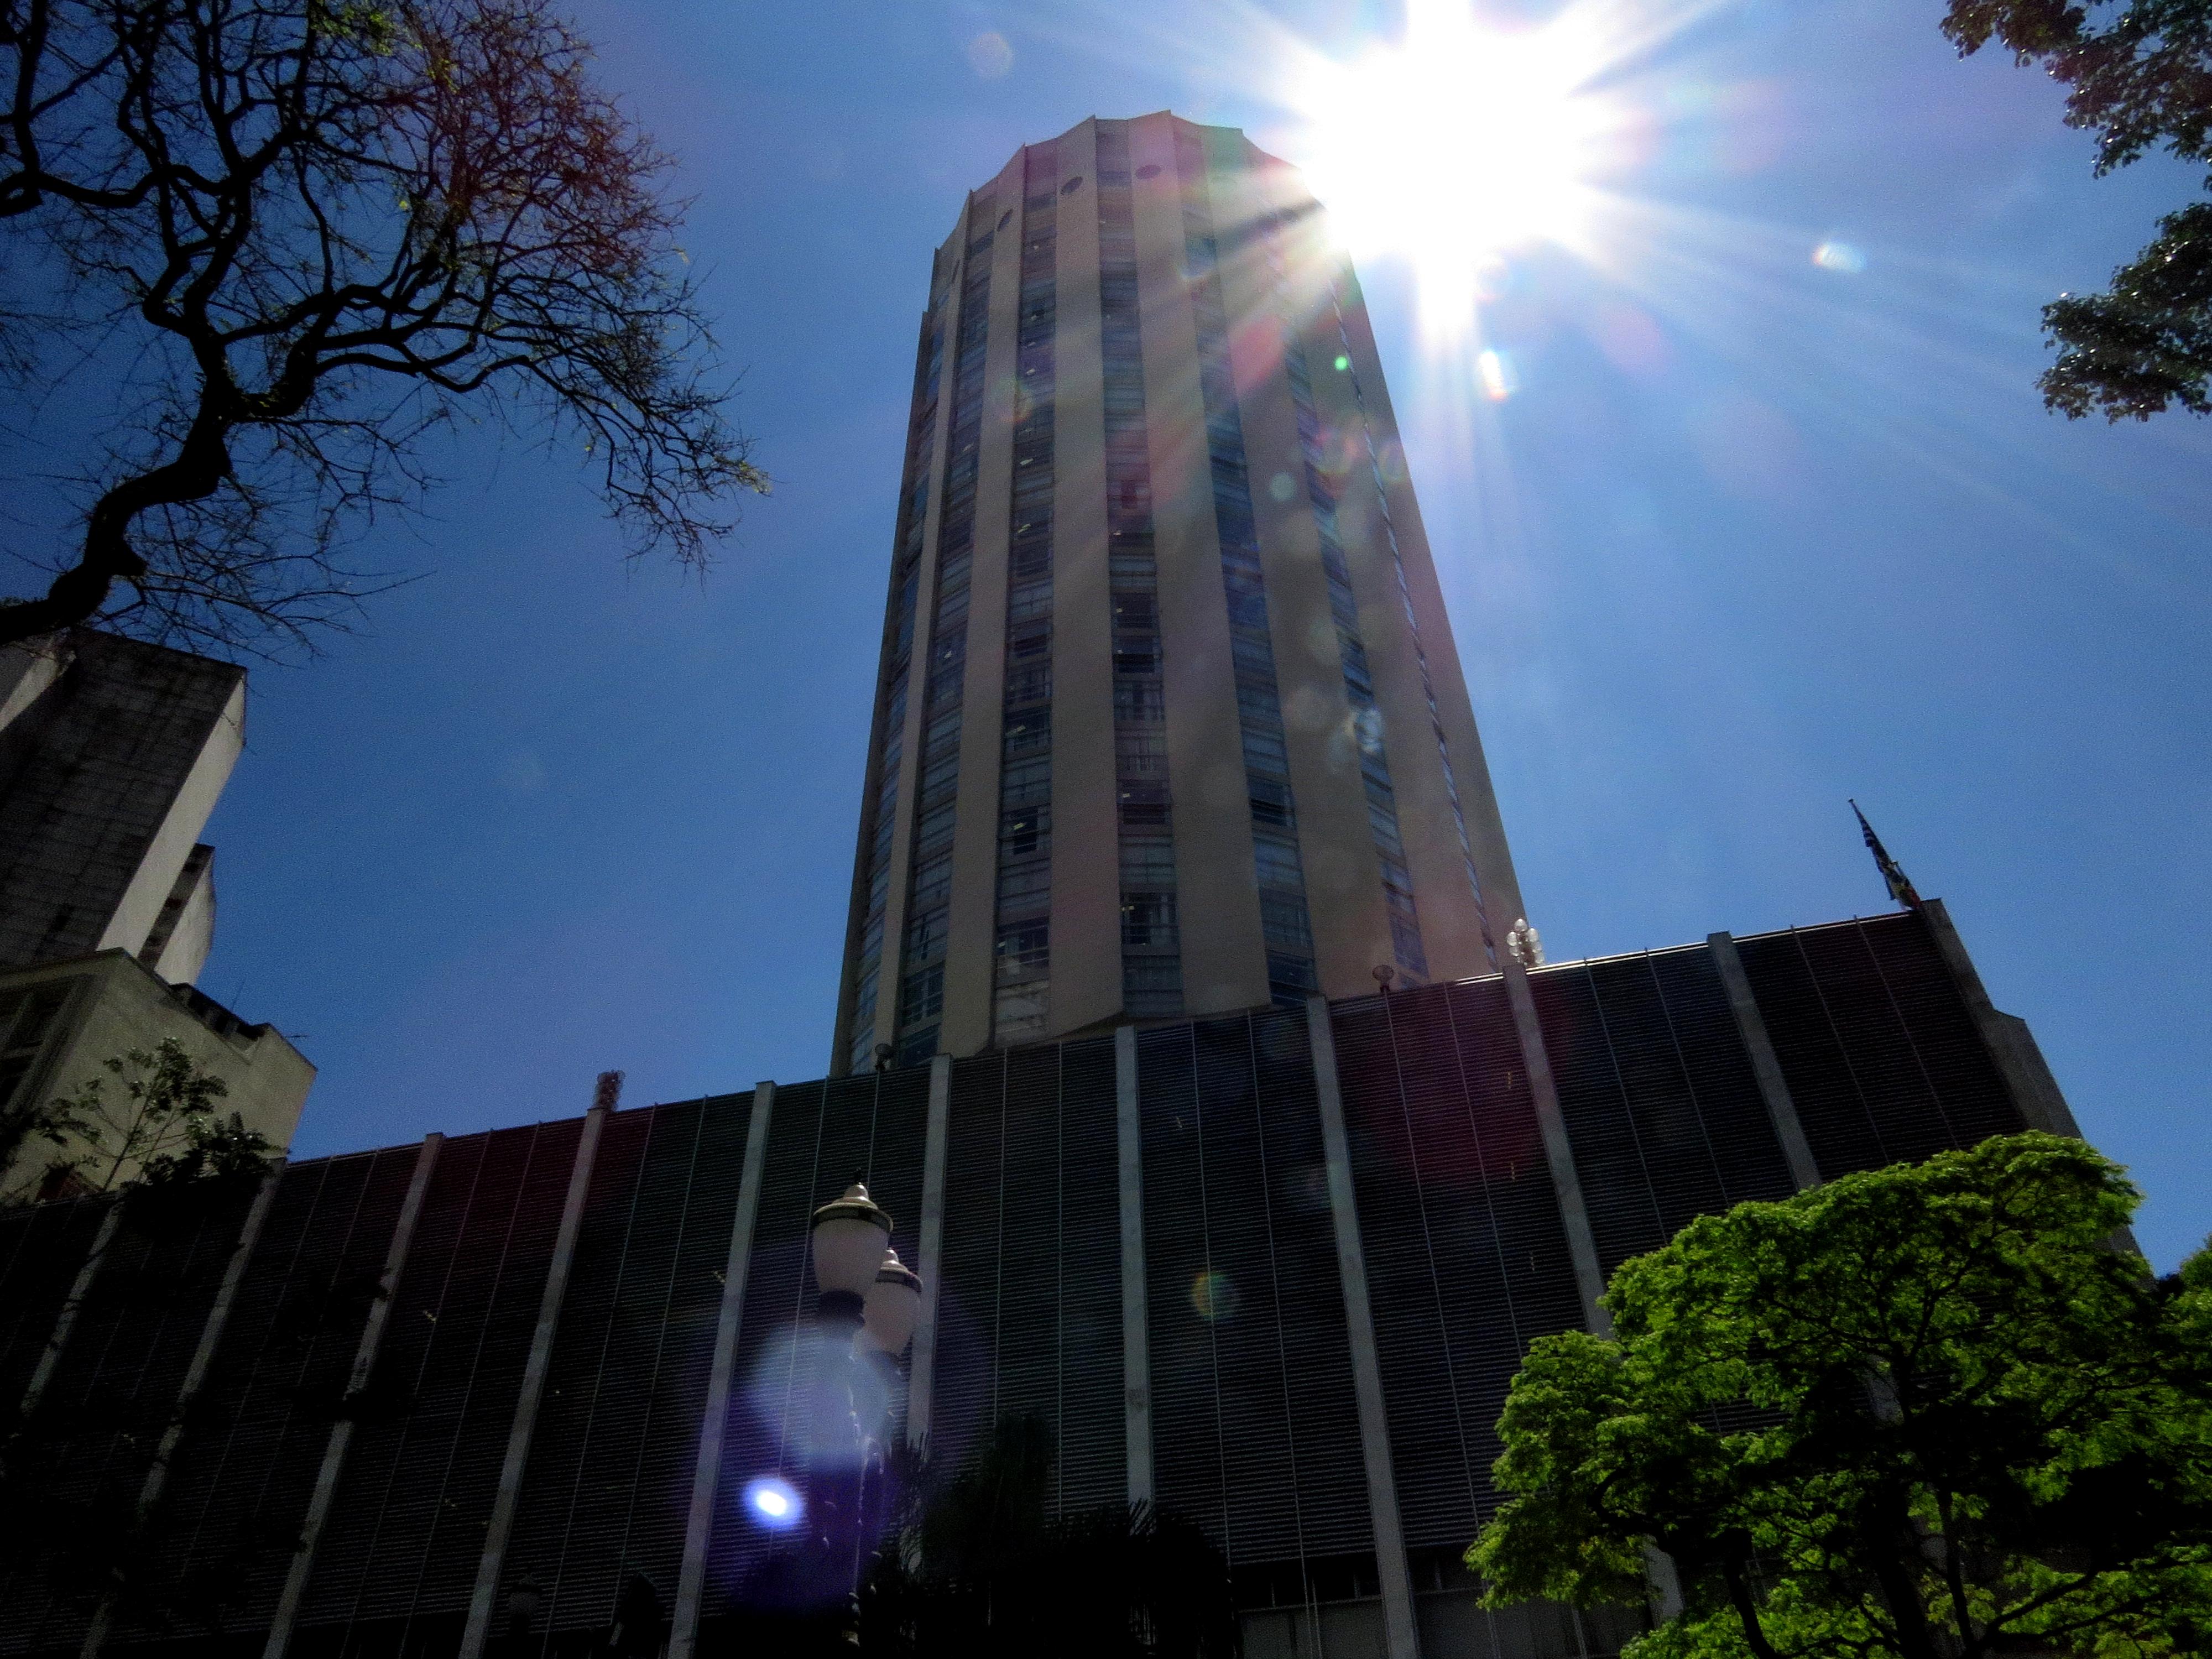 Veja o que saiu no Migalhas sobre Edifício do Tribunal de Justiça de São Paulo